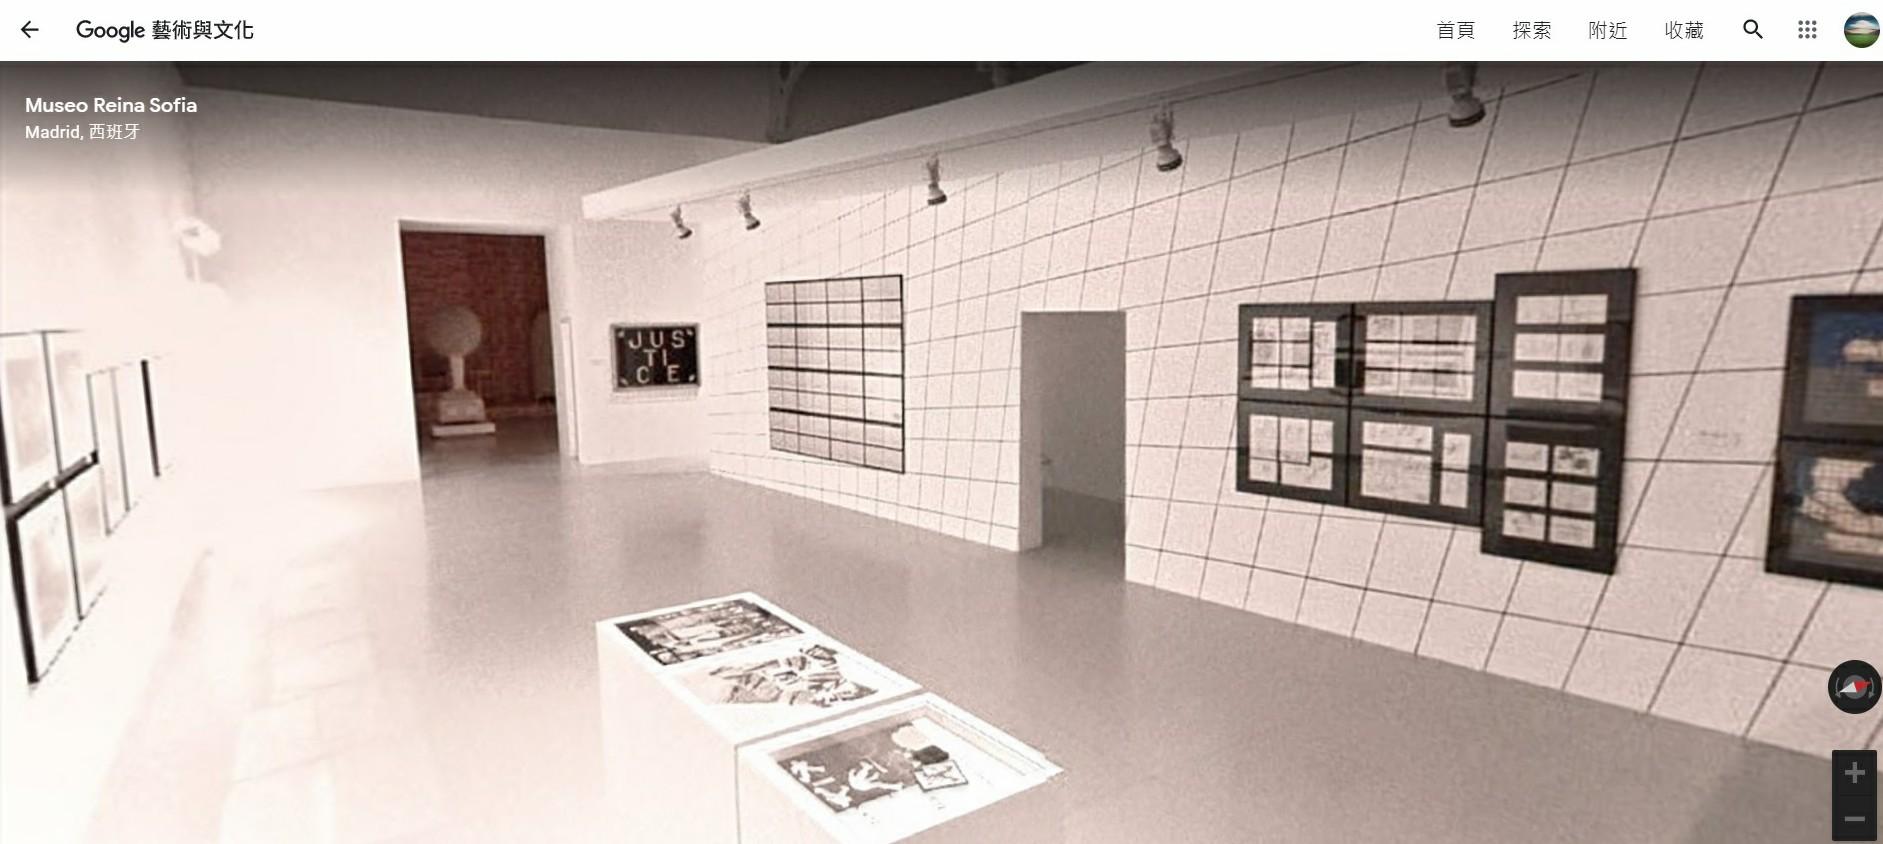 西班牙當代藝術聖殿,西班牙博物館,索菲亞王后國家藝術中心博物館,畢卡索,格爾尼卡,索菲亞王后,Google Arts & Culture,Google 藝術與文化,虛擬實境美術館,線上博物館,線上展覽,線上美術館